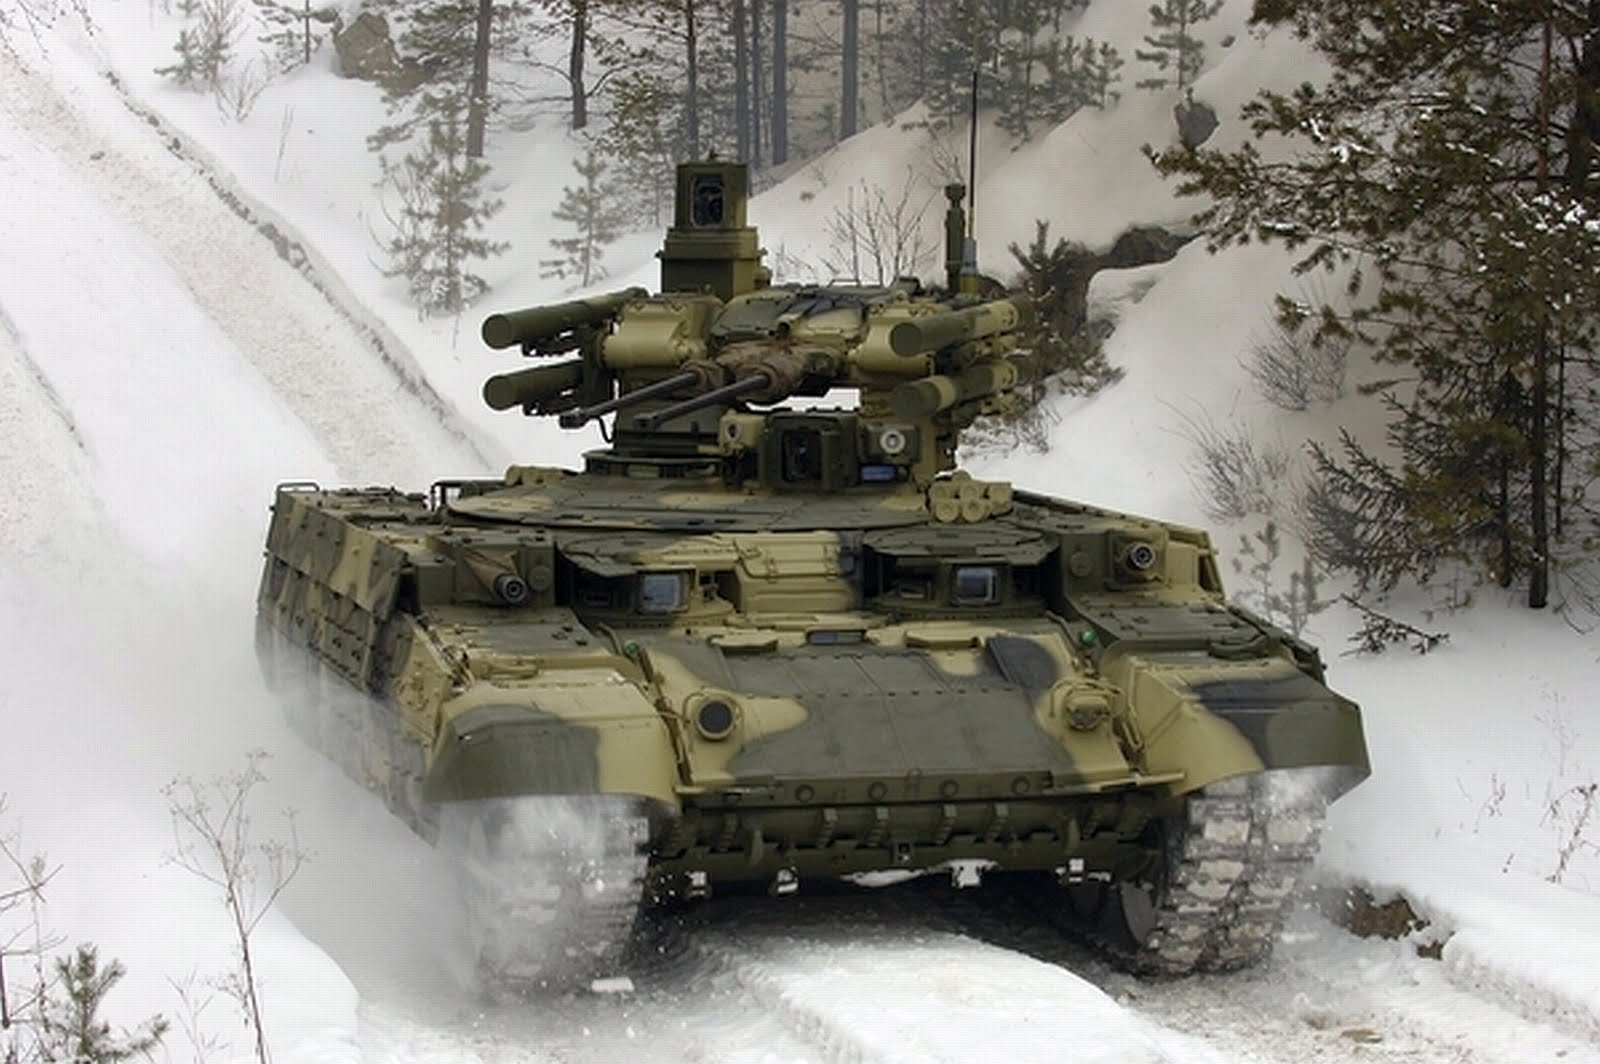 Militaire - NOUVEAUTÉS, RUMEURS ET KITS A VENIR - Page 3 P_1daaaccbab9fcc02fb1a74409f86476a